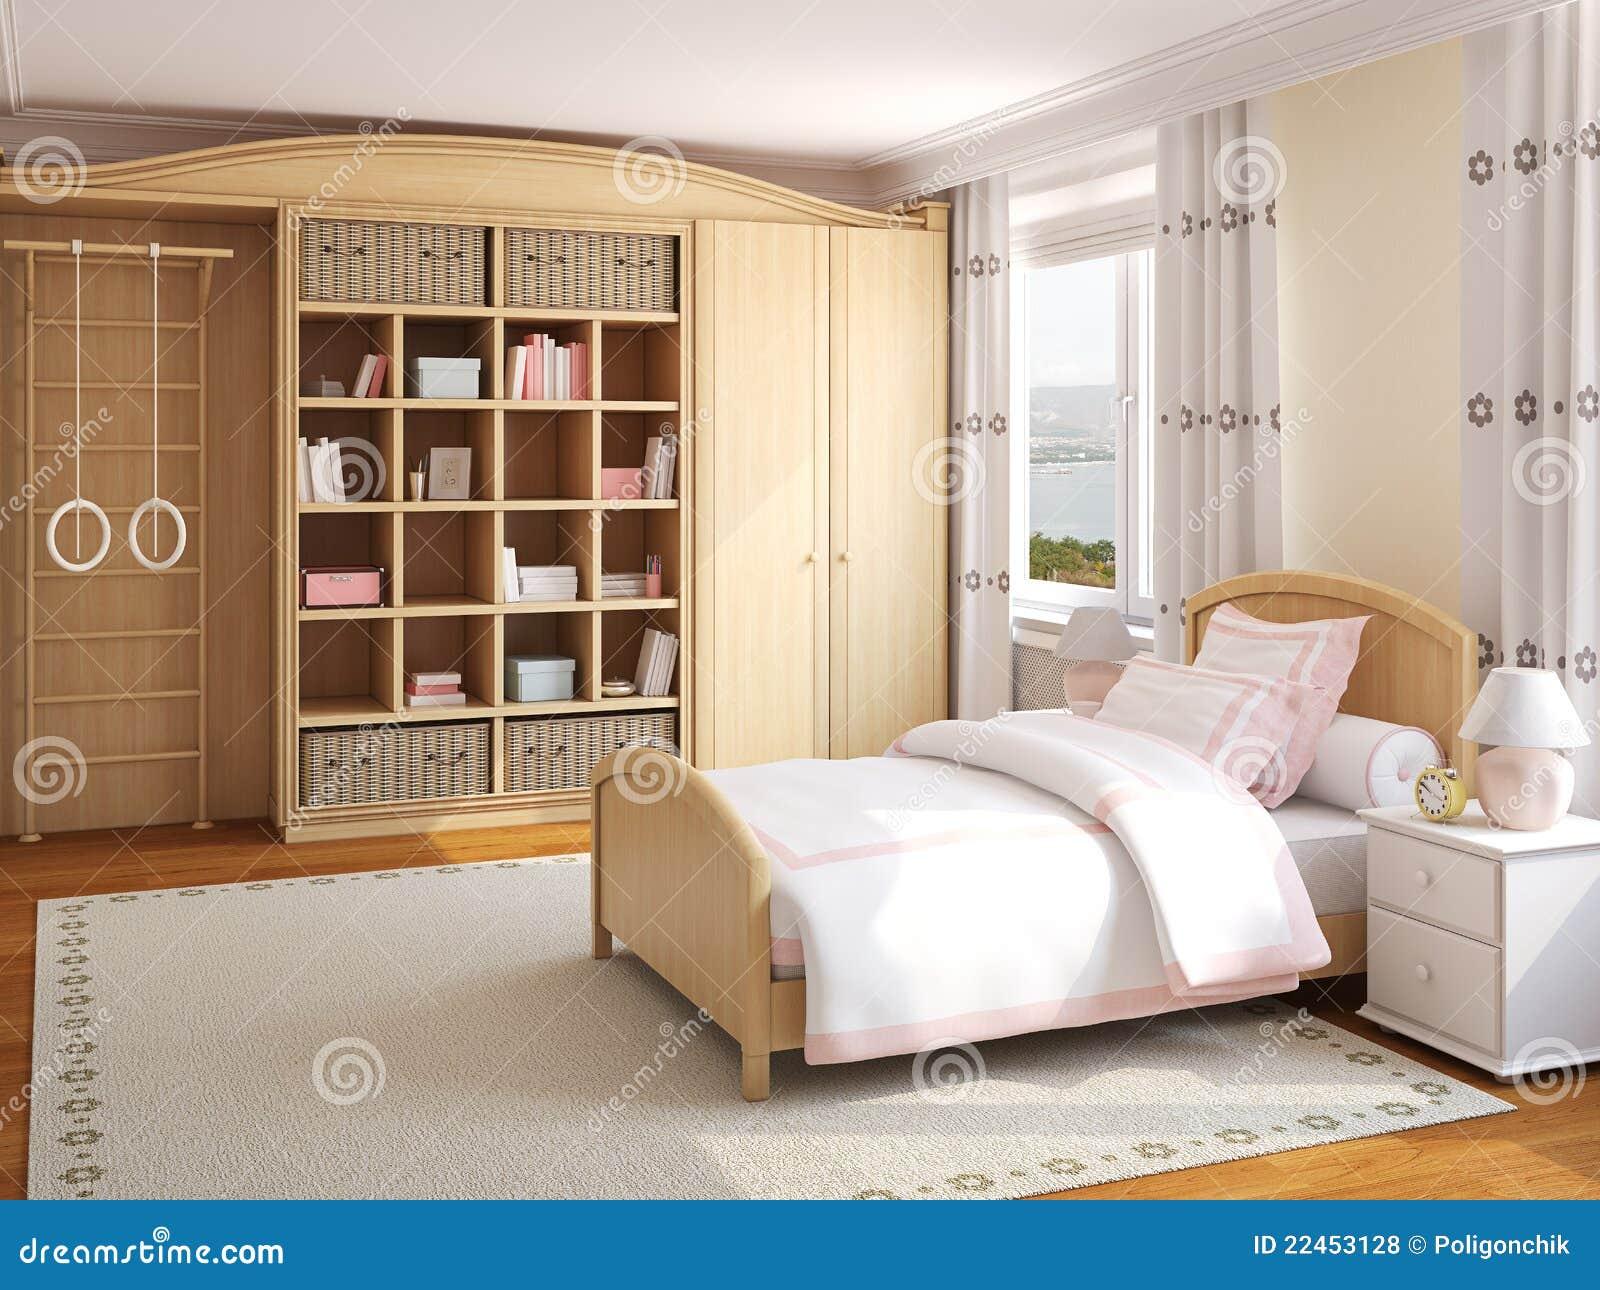 Interiore della camera da letto della ragazza for Piani della camera da letto divisi